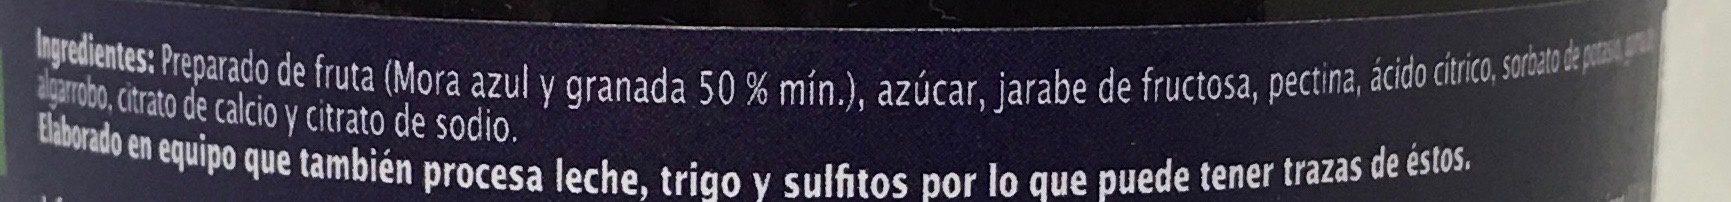 MERMELADA DE MORA AZUL Y GRANADA - Ingredients - es